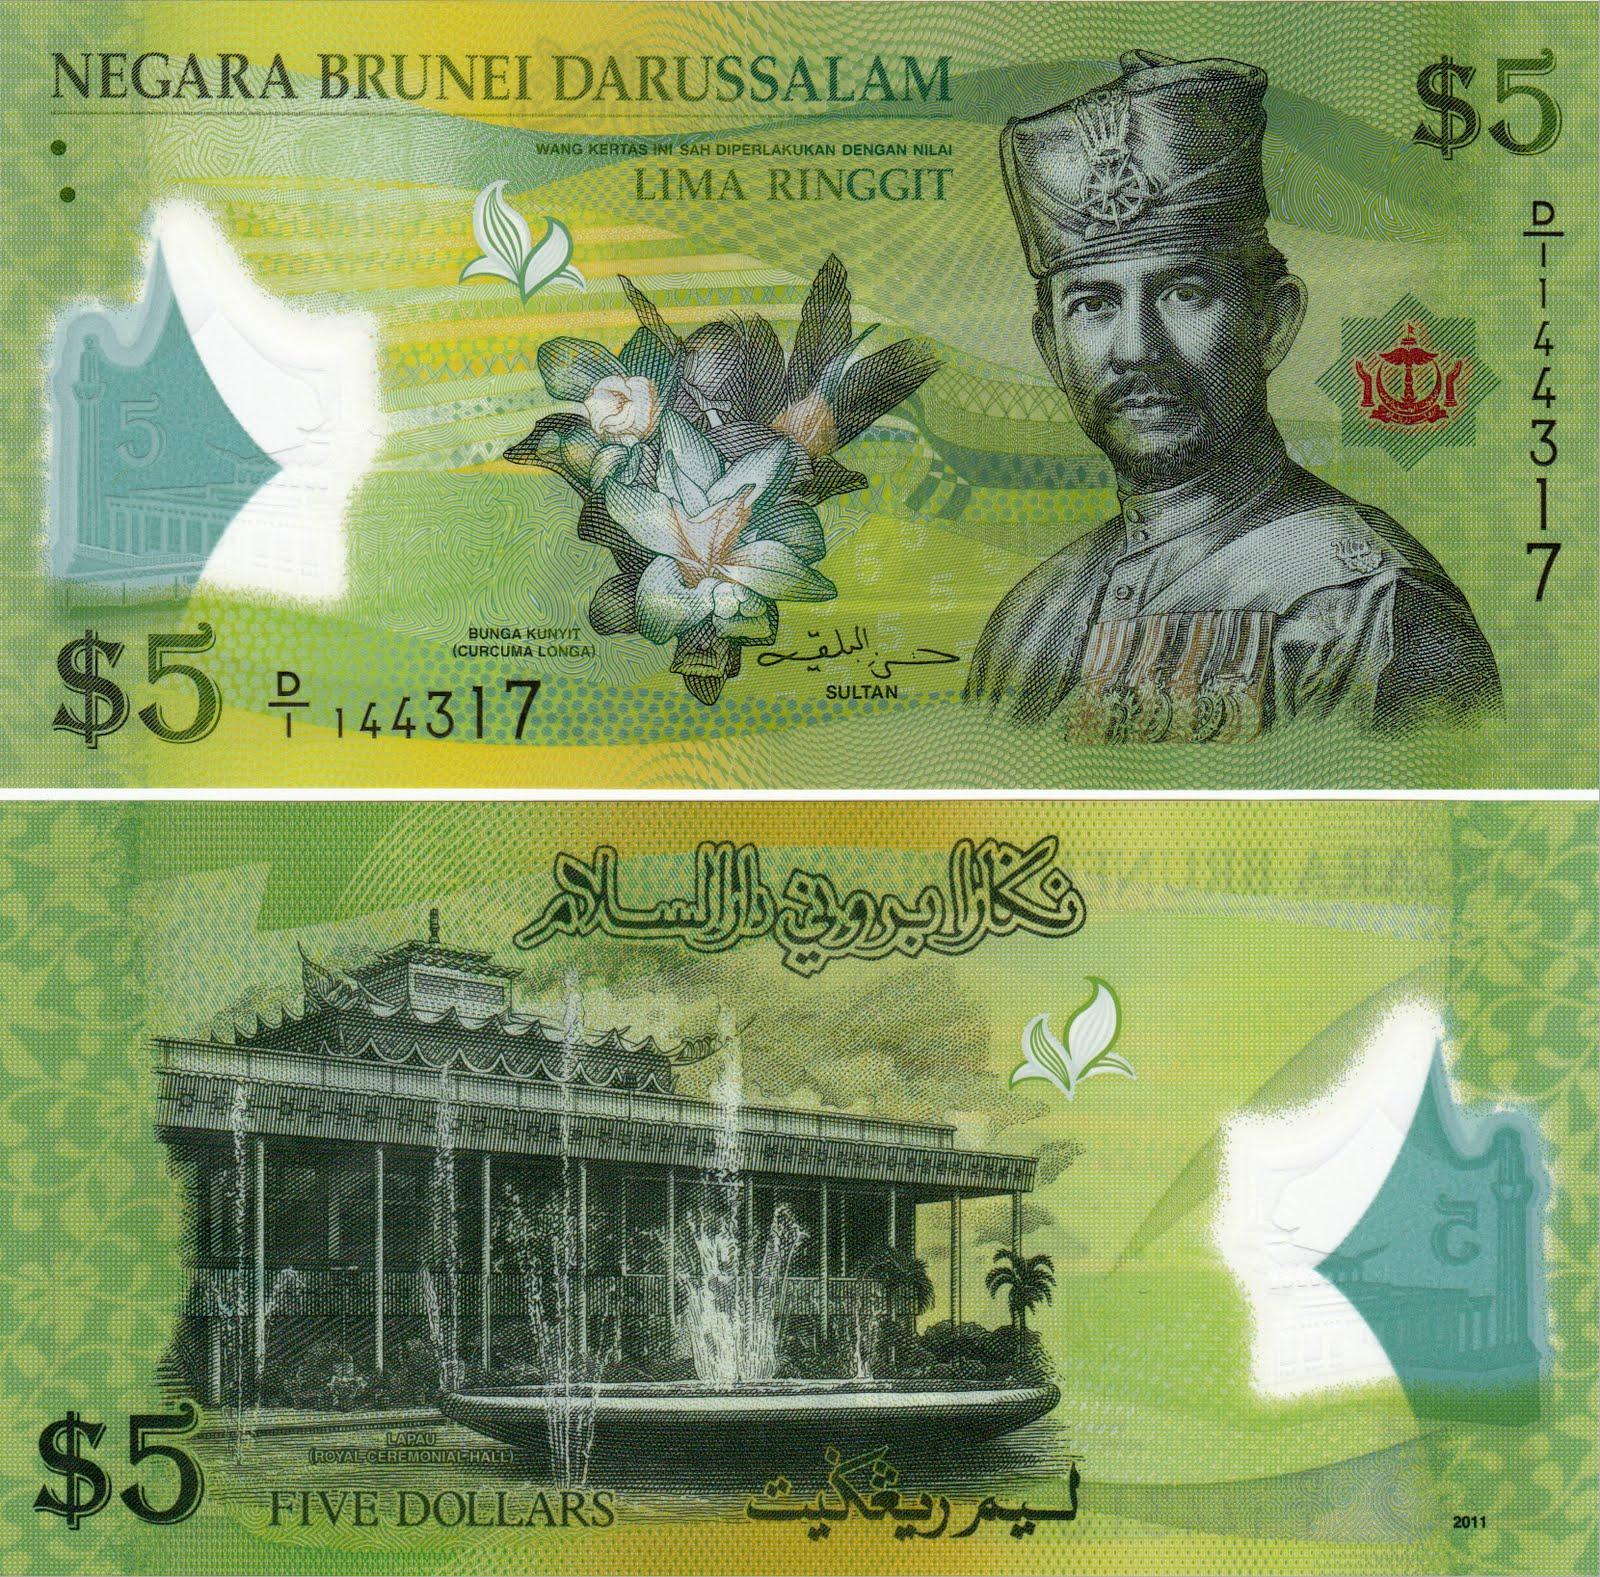 Brunei forex exchange